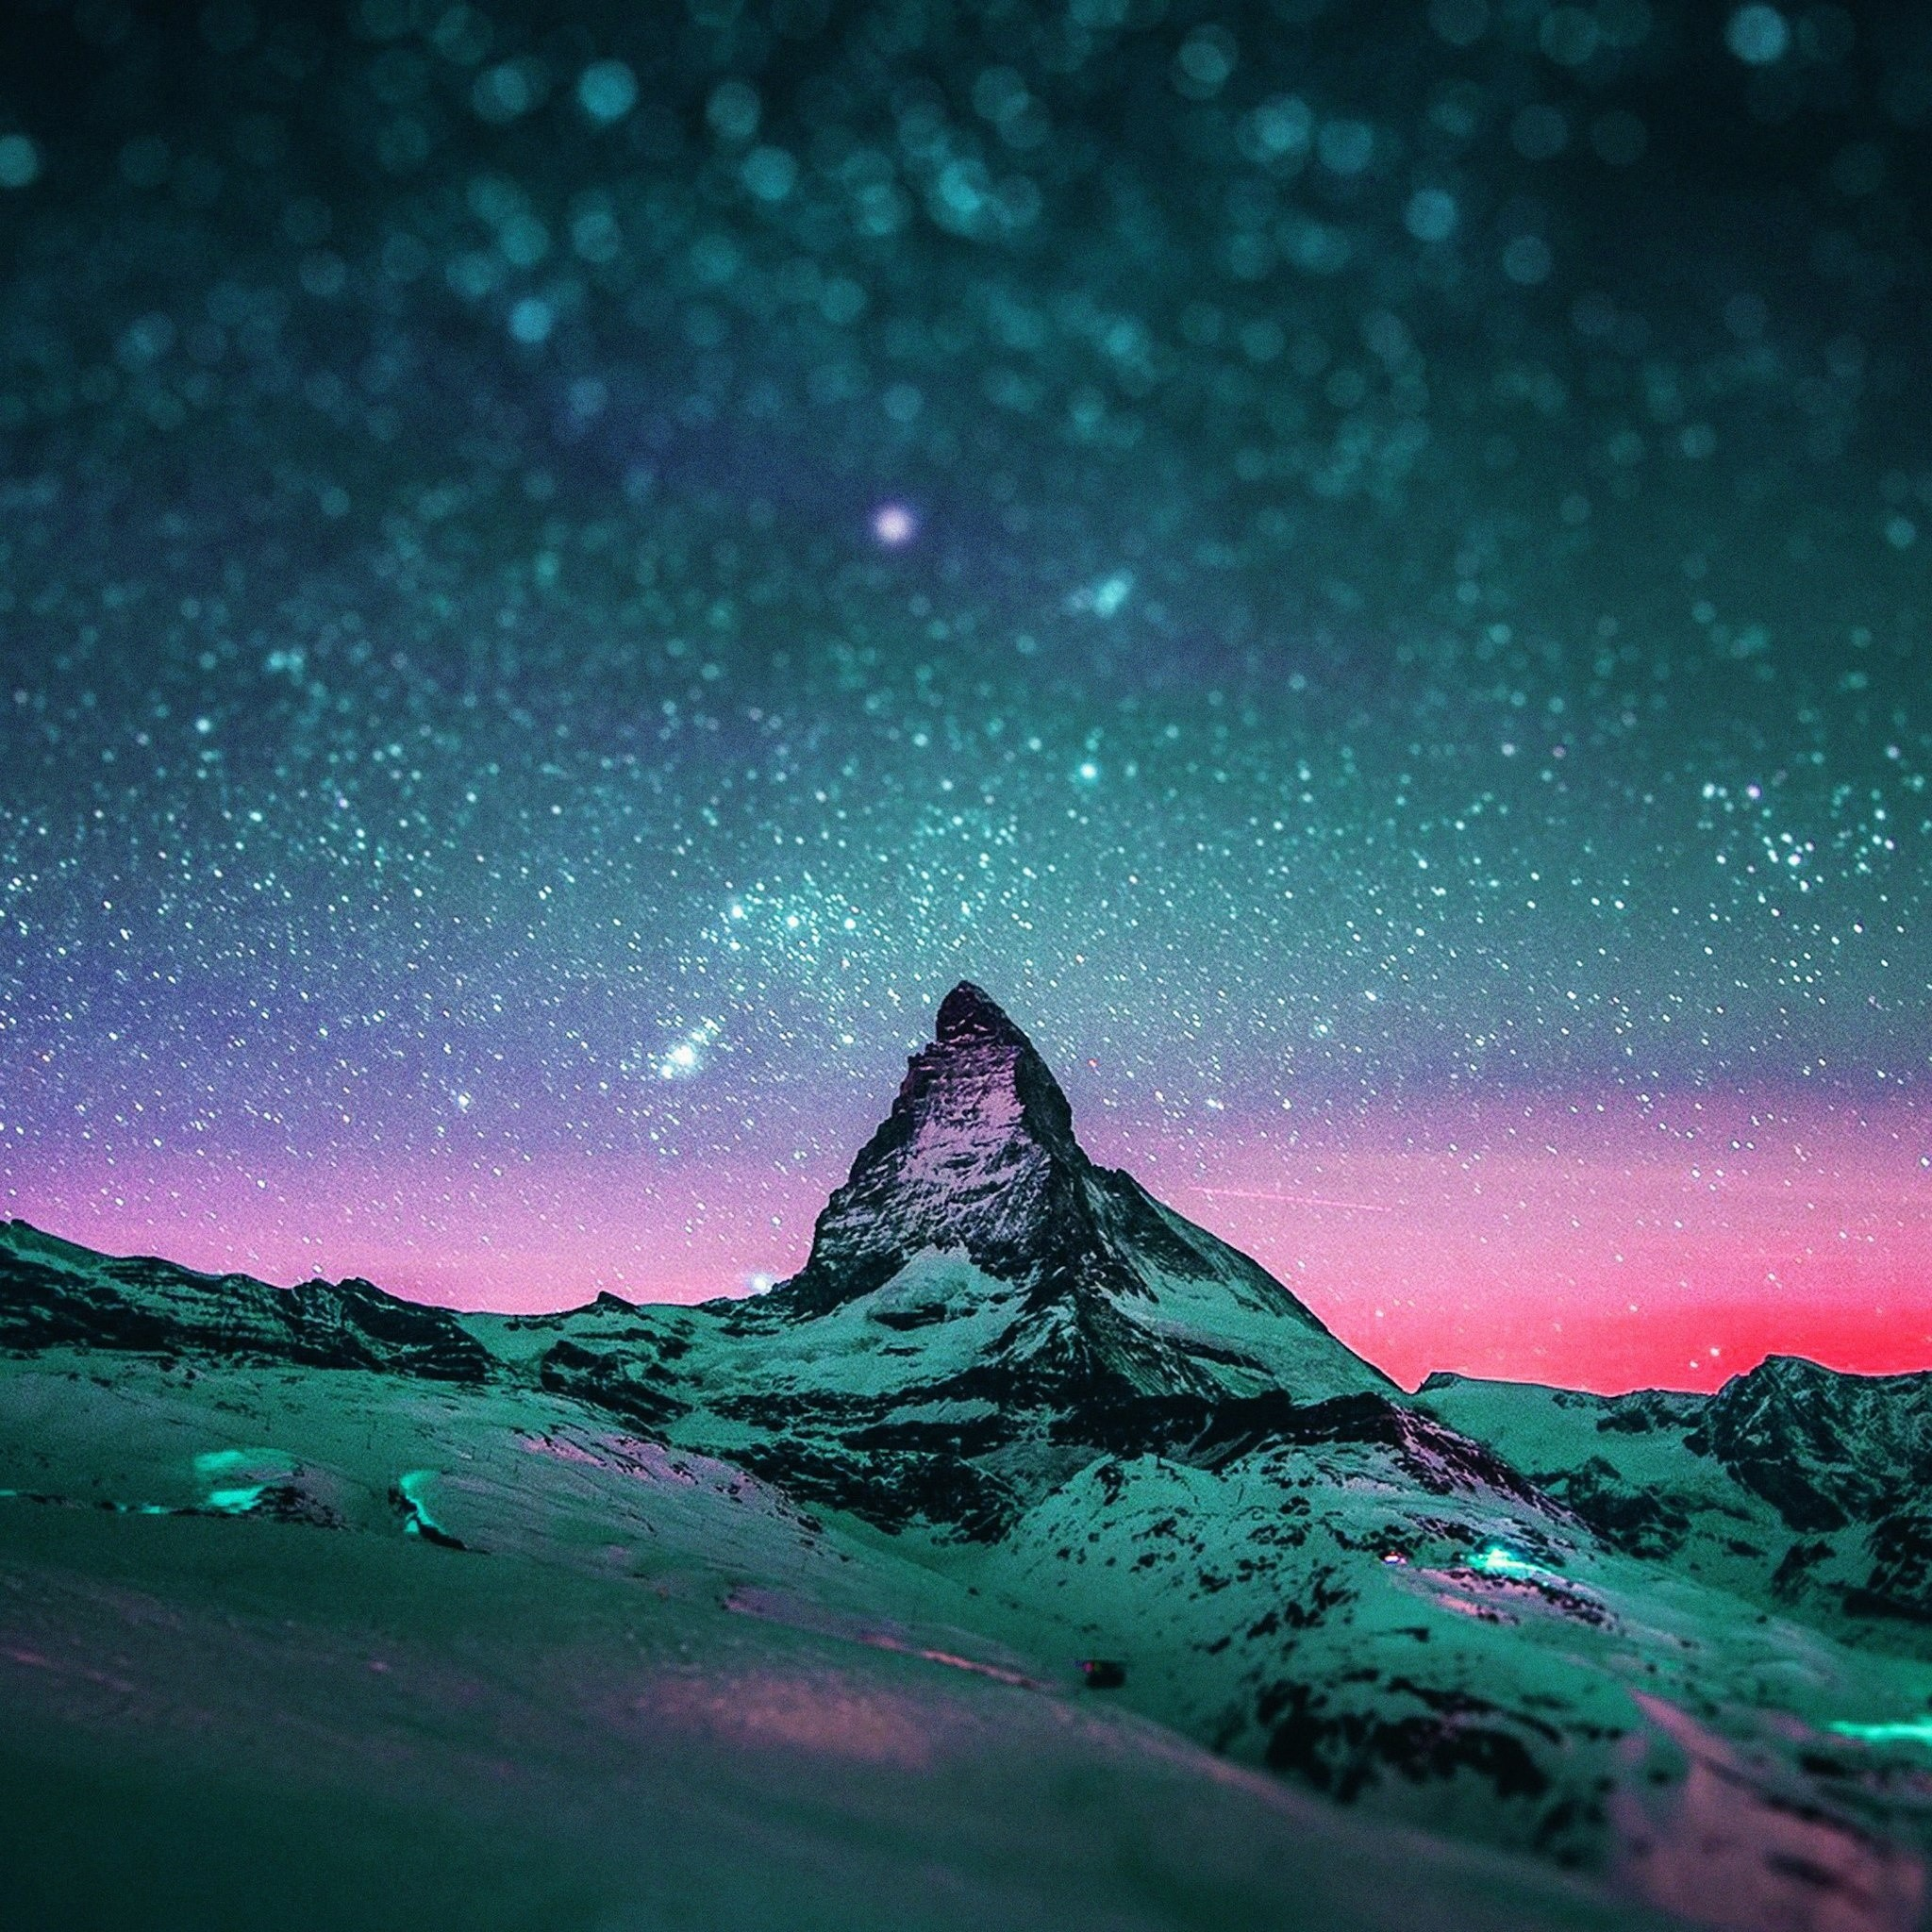 7571 18: Starry Night Sky Stars iPad wallpaper